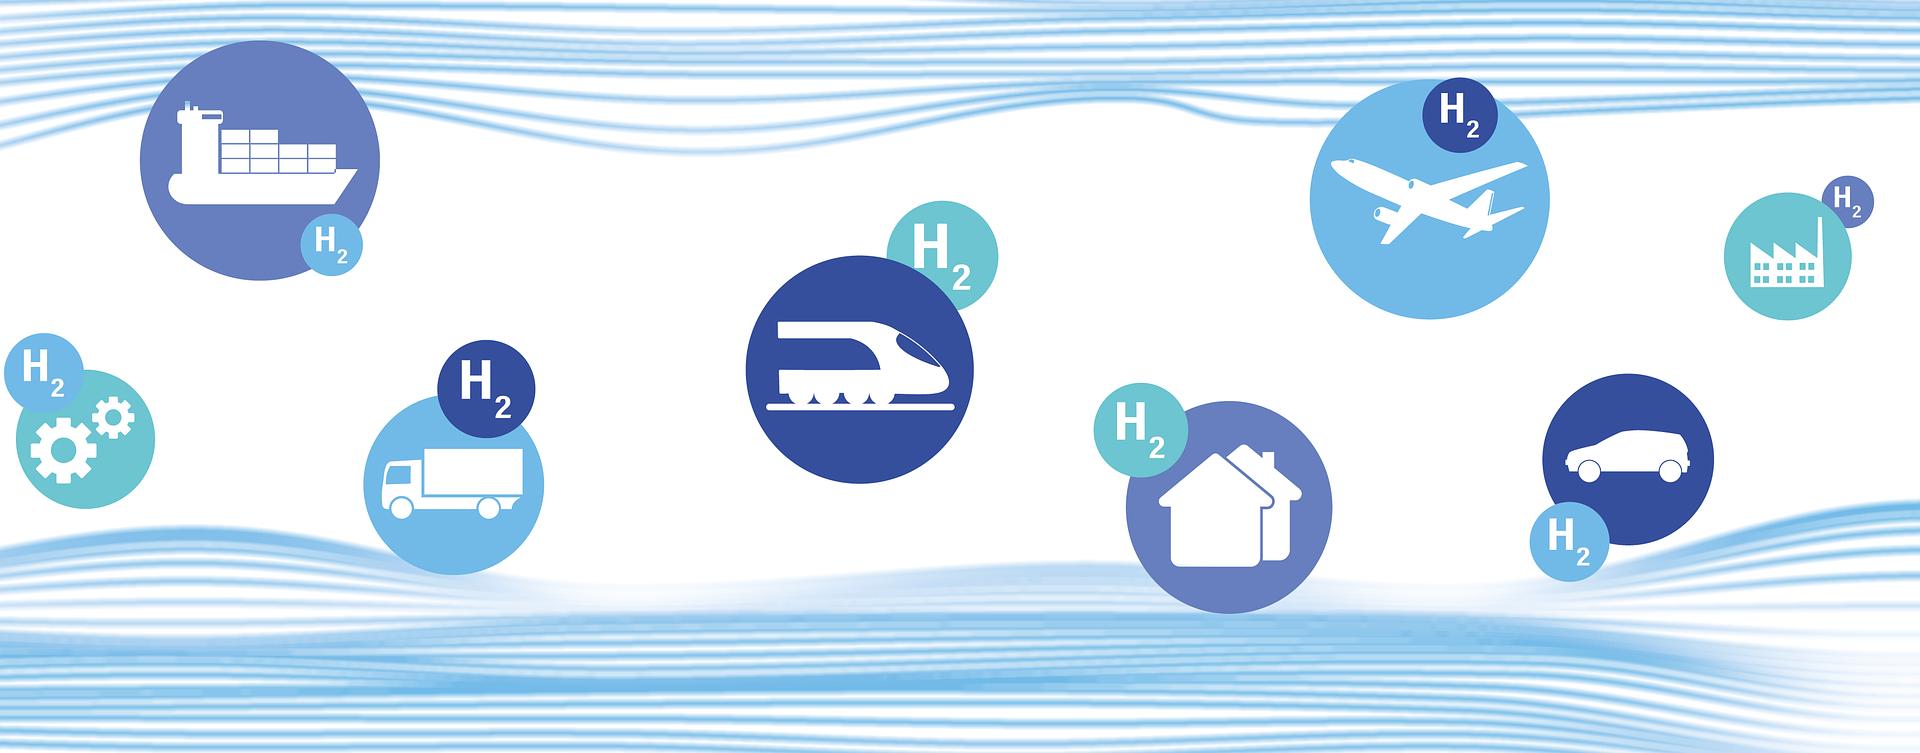 Karbonsemleges gazdaságot eredményezhet a hidrogéntechnológiák felhasználása